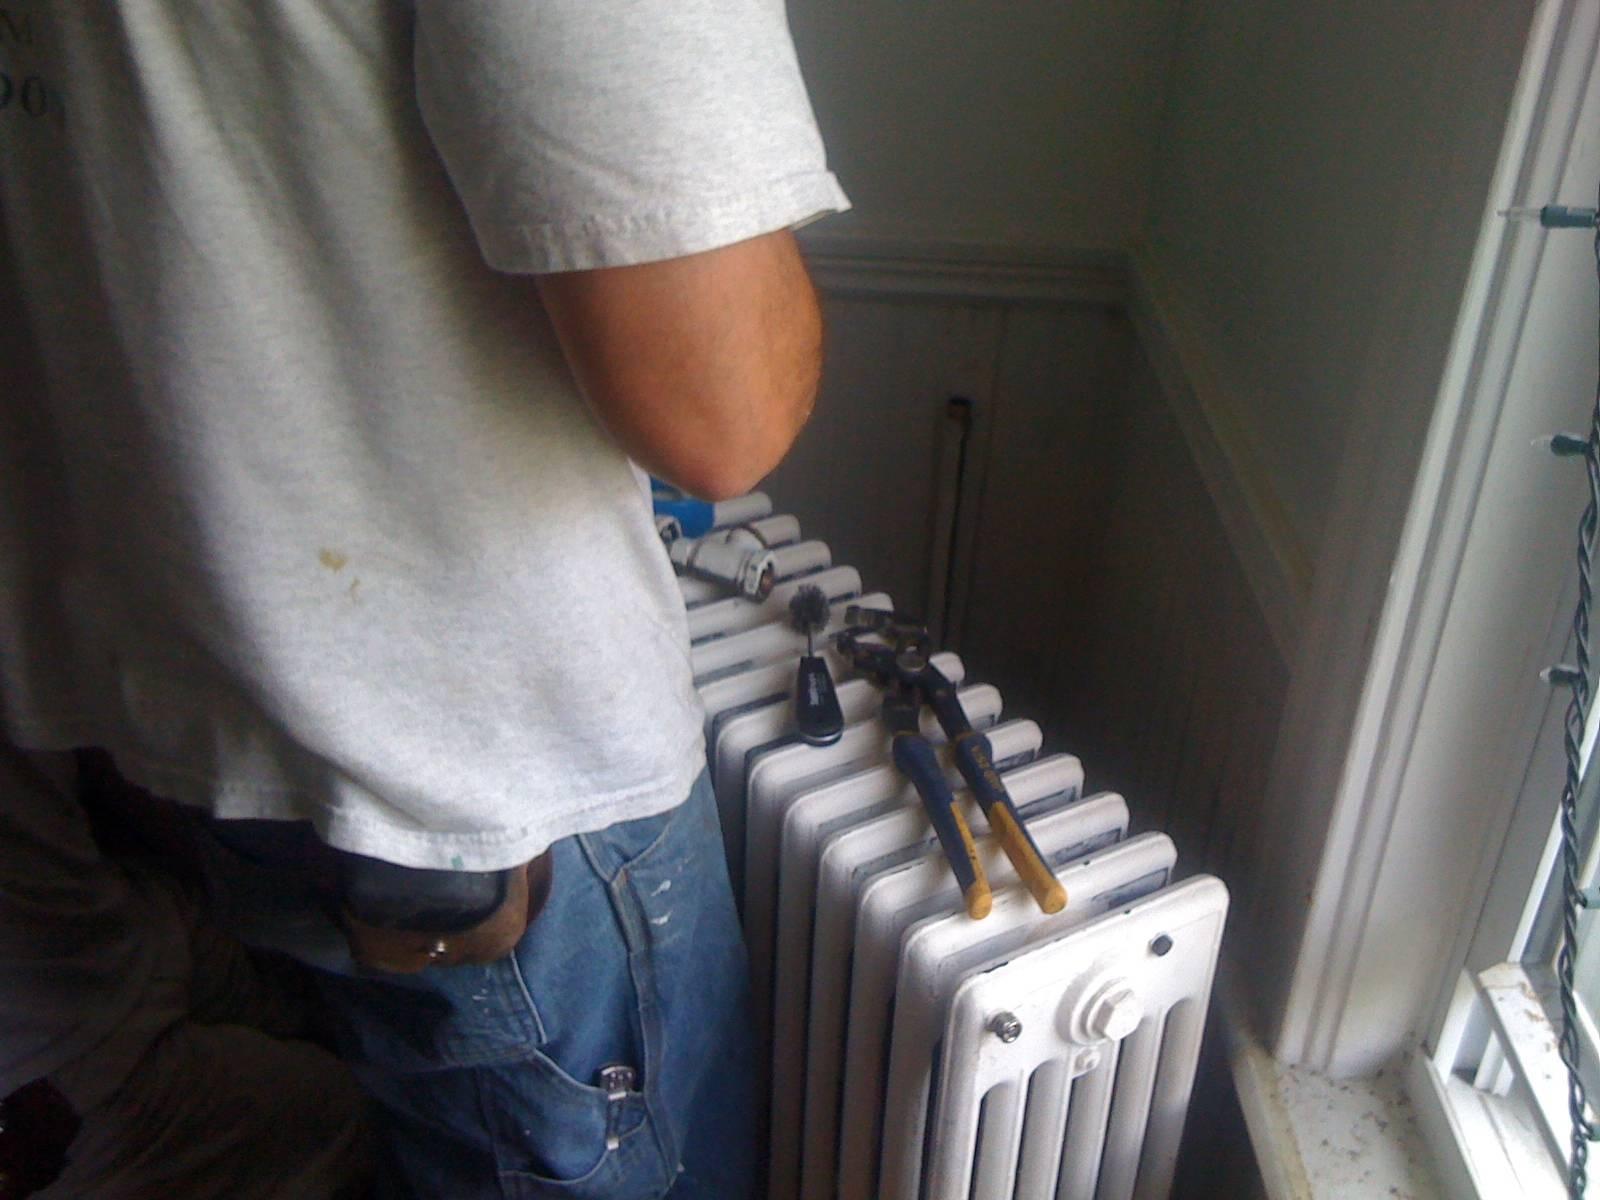 Как разобрать батарею отопления по секциям своими руками: пошаговая инструкция